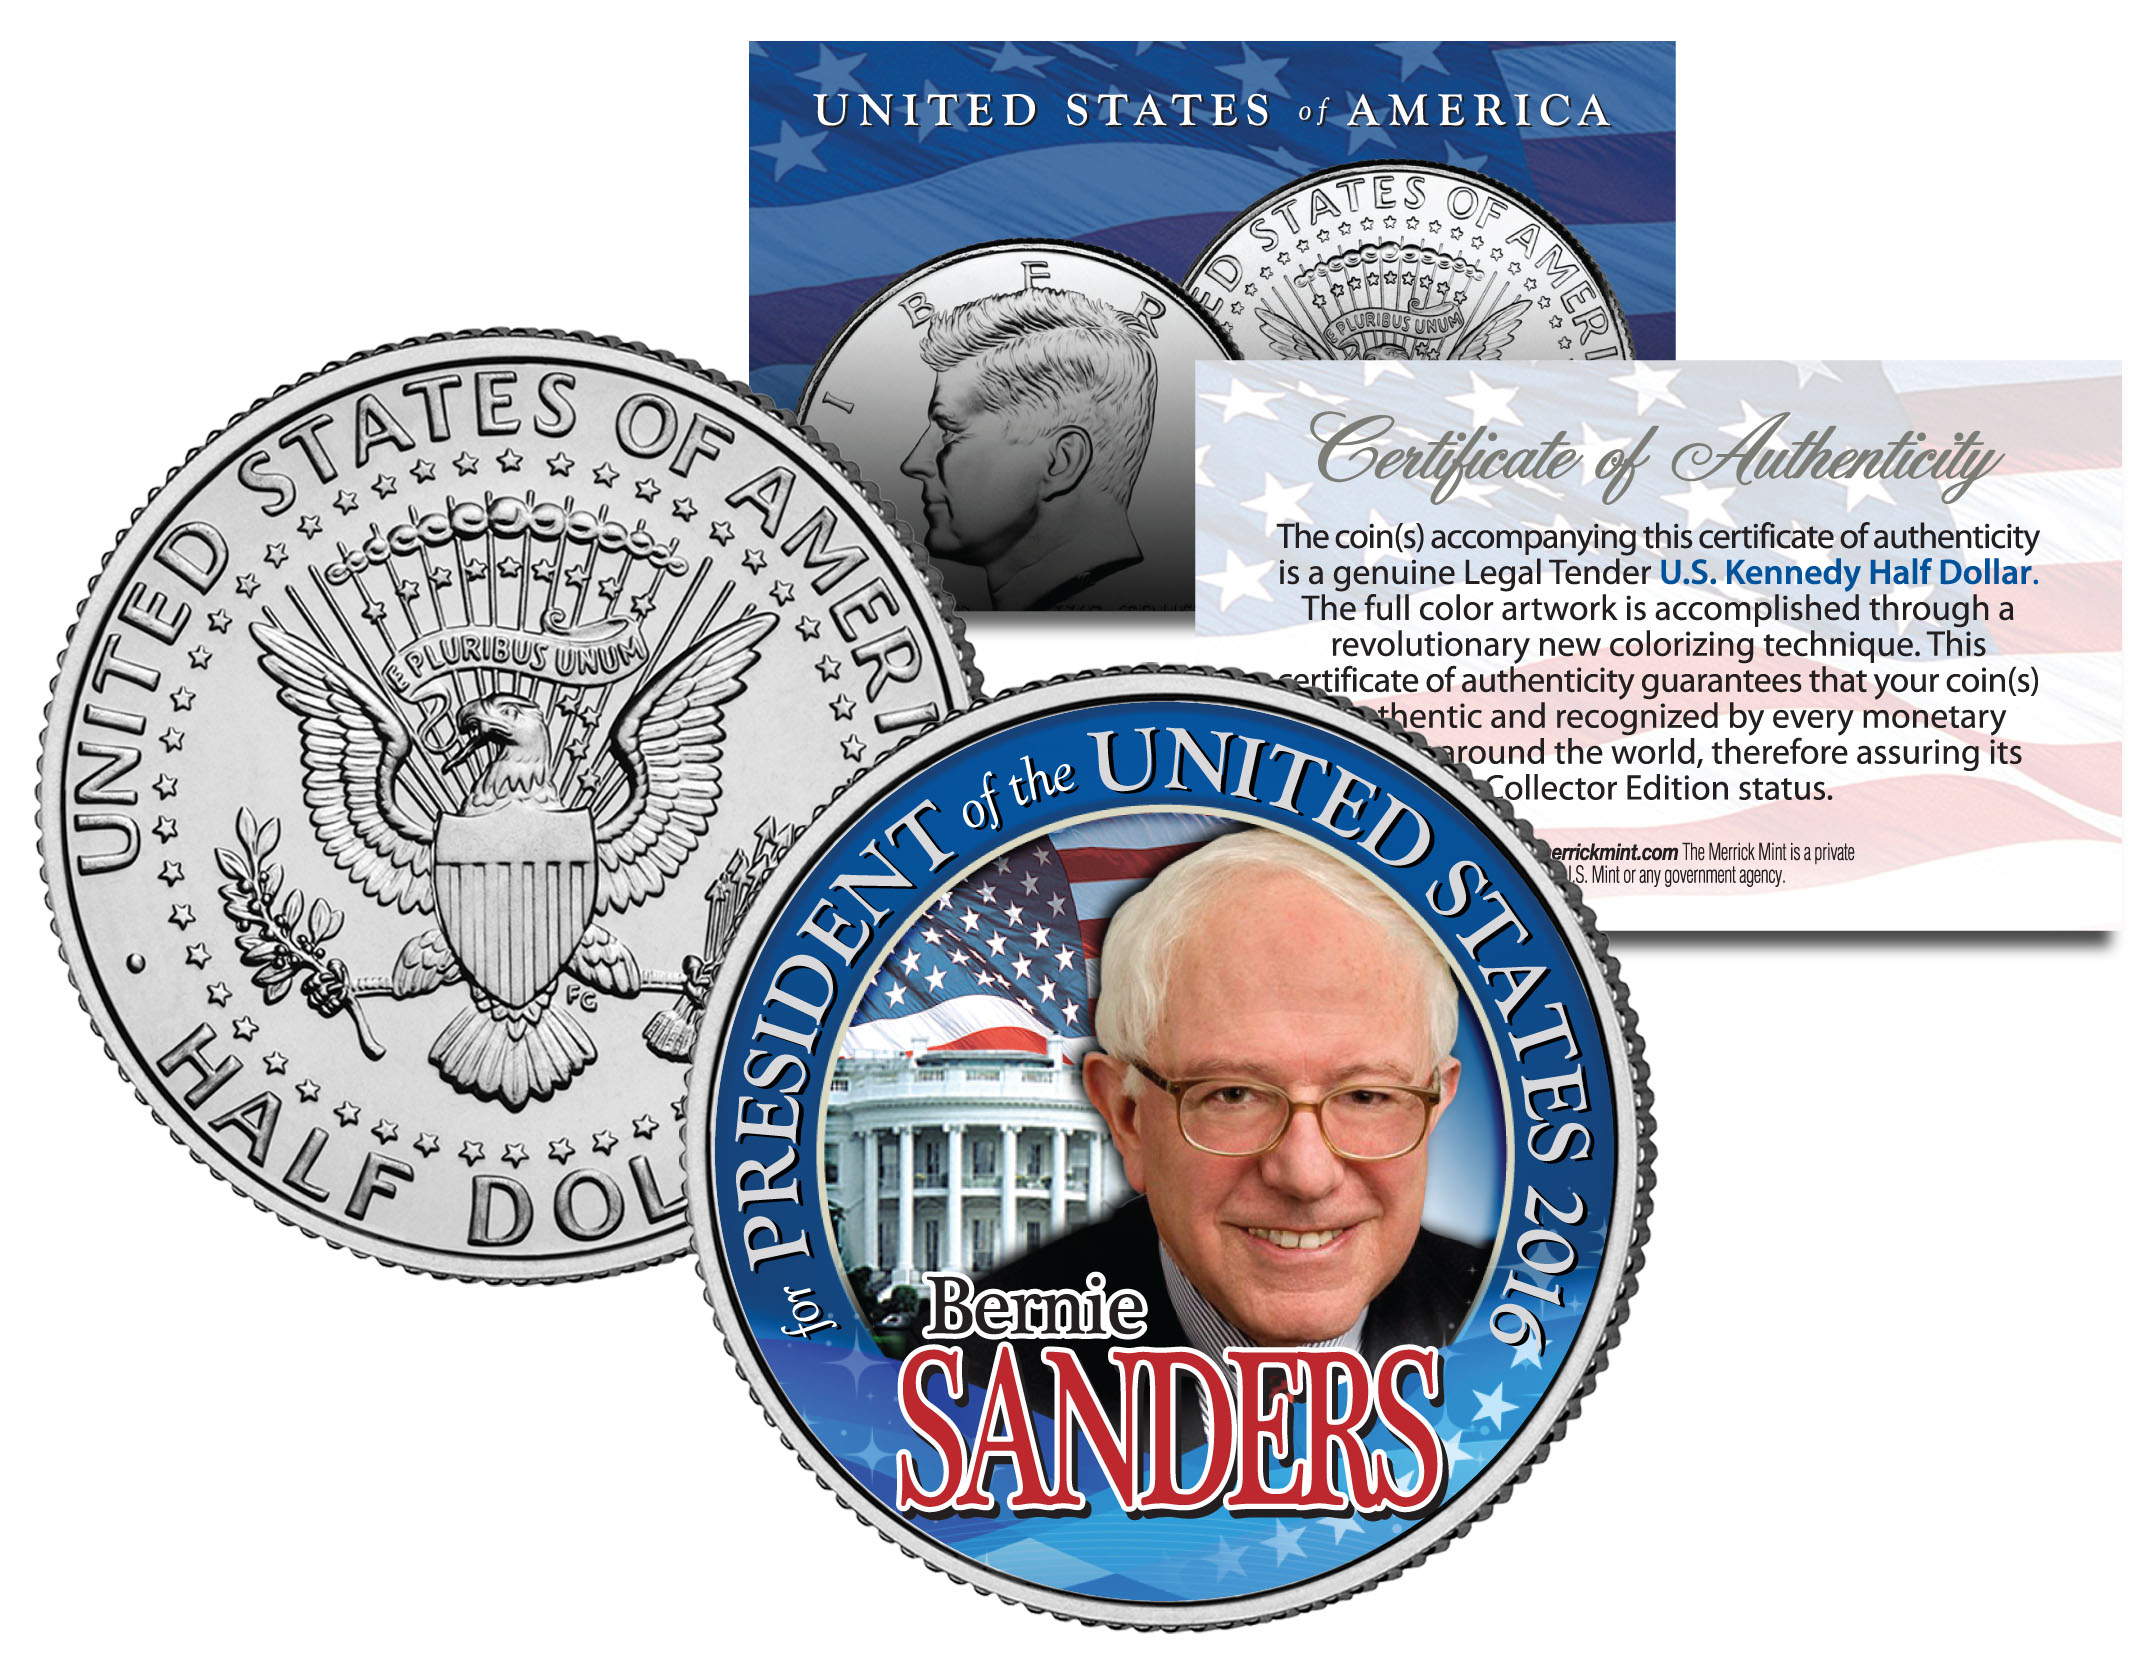 bernie sanders for president 2016 campaign colorized jfk half dollar